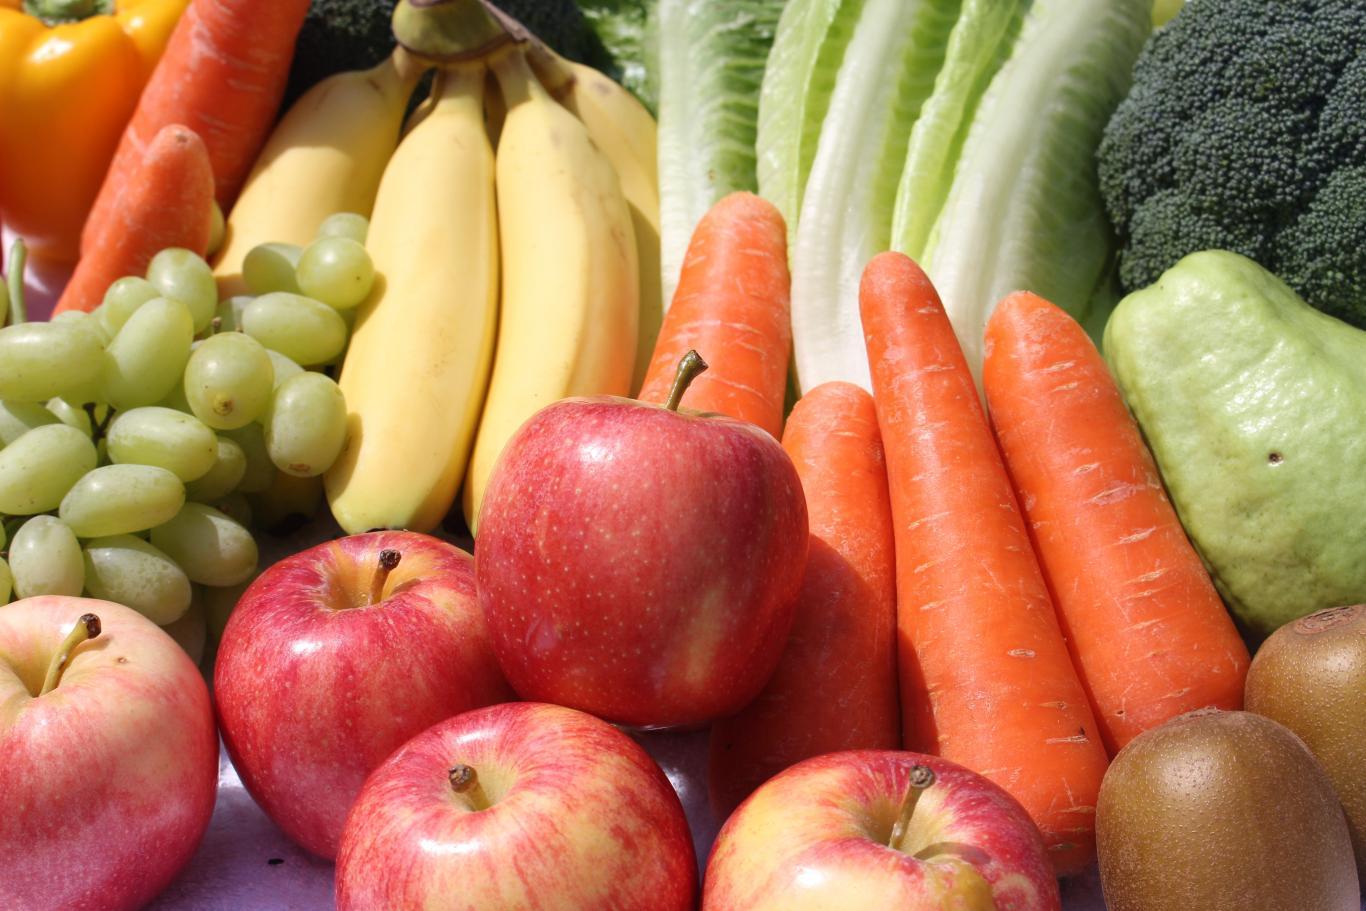 imagen hortalizas y frutas